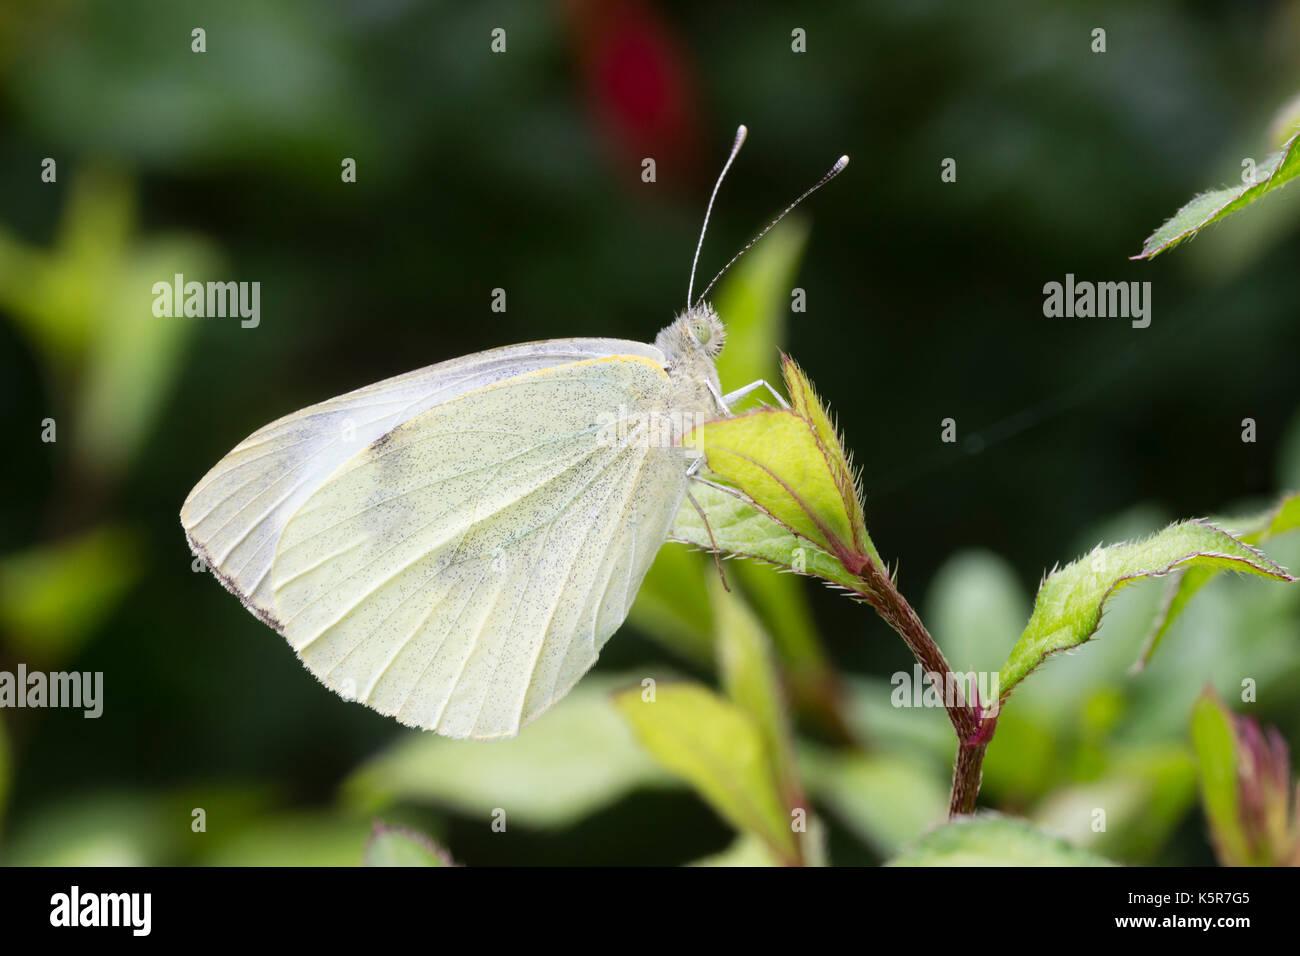 Maschio bianco grande farfalla, Sarcococca brassicae, appoggiata sul fogliame Immagini Stock